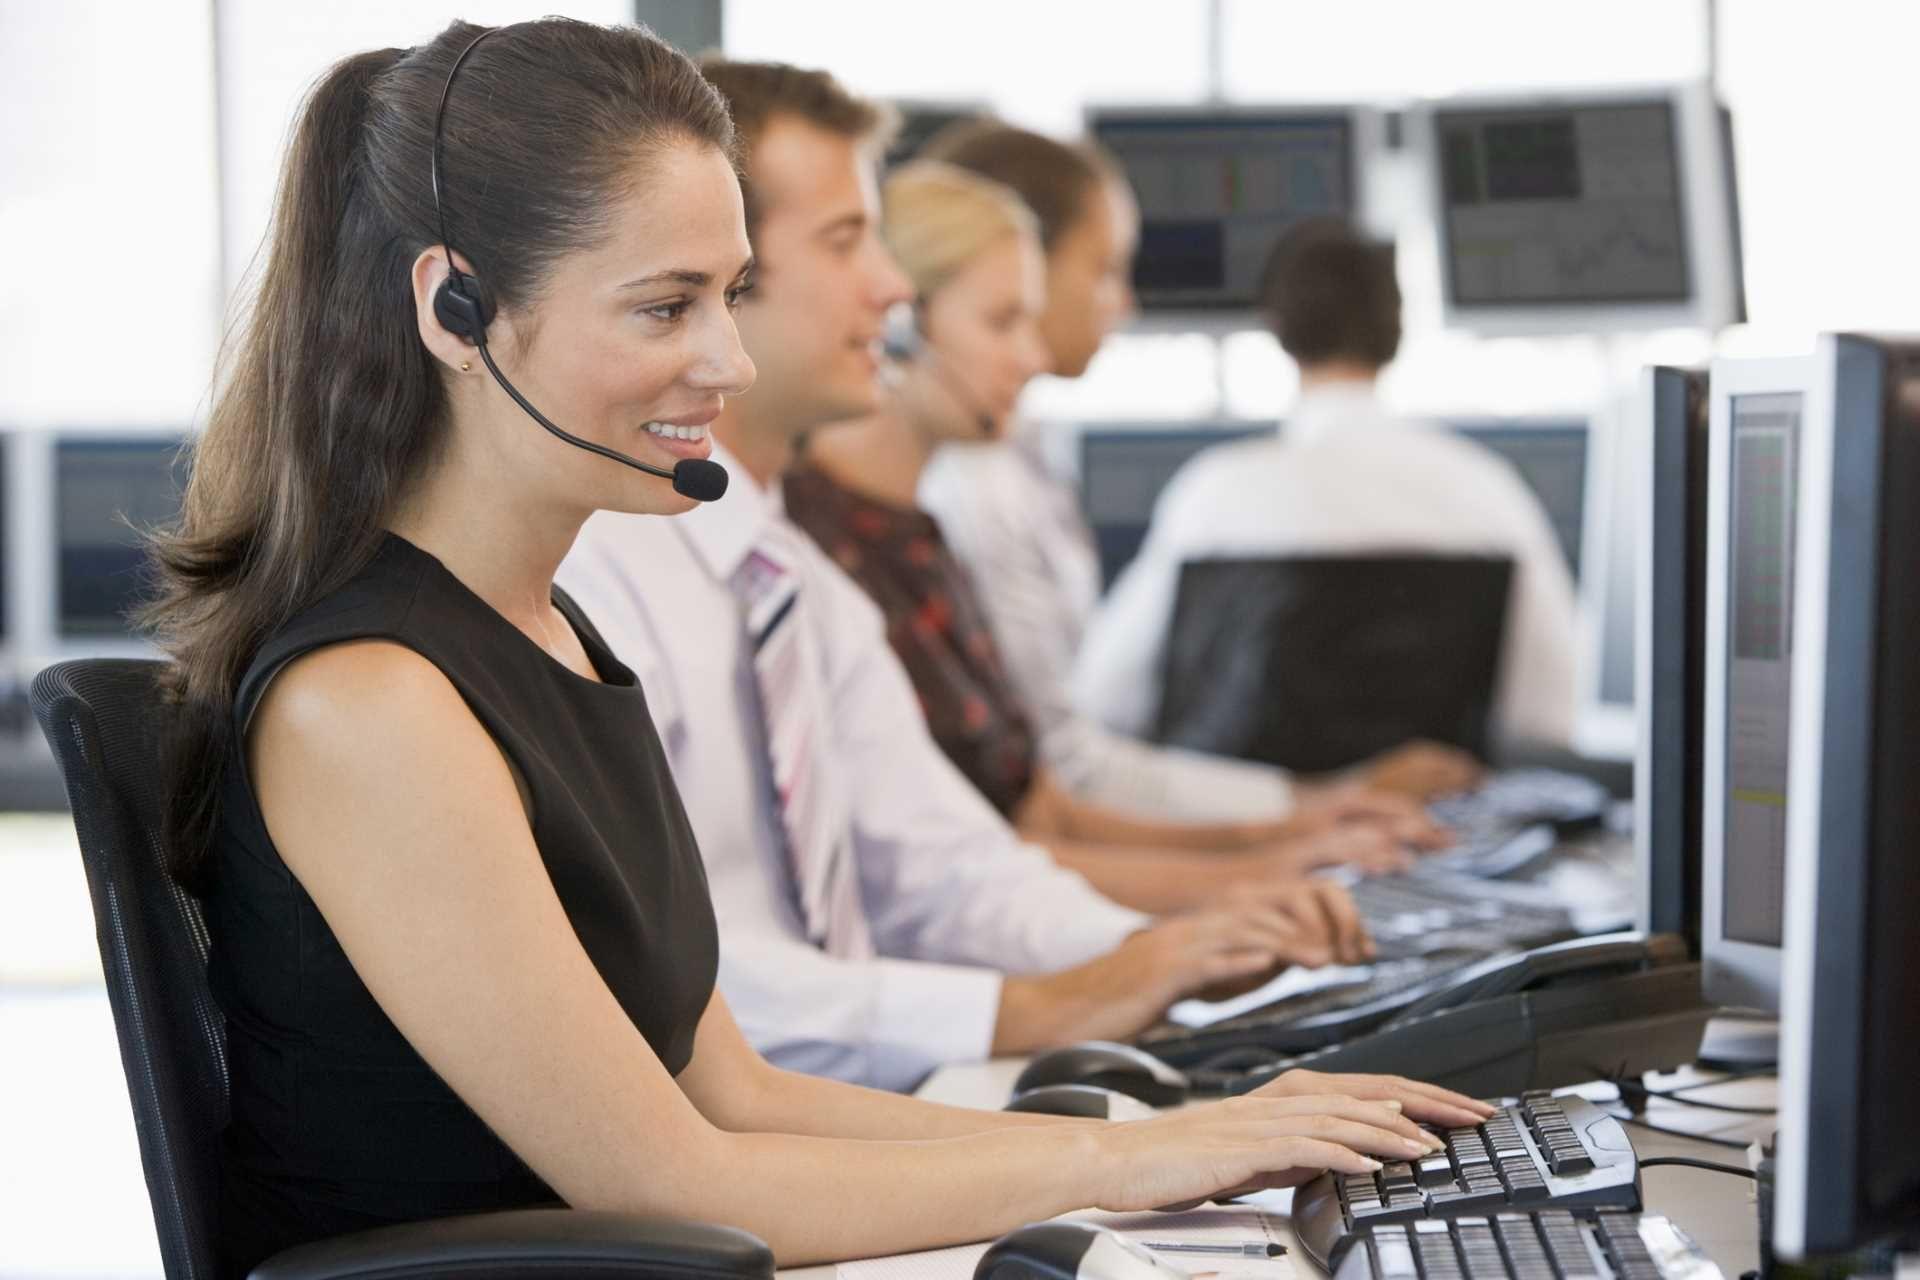 Бесплатный вебинар: Телефония для бизнеса. Как увеличить и не потерять продажи?